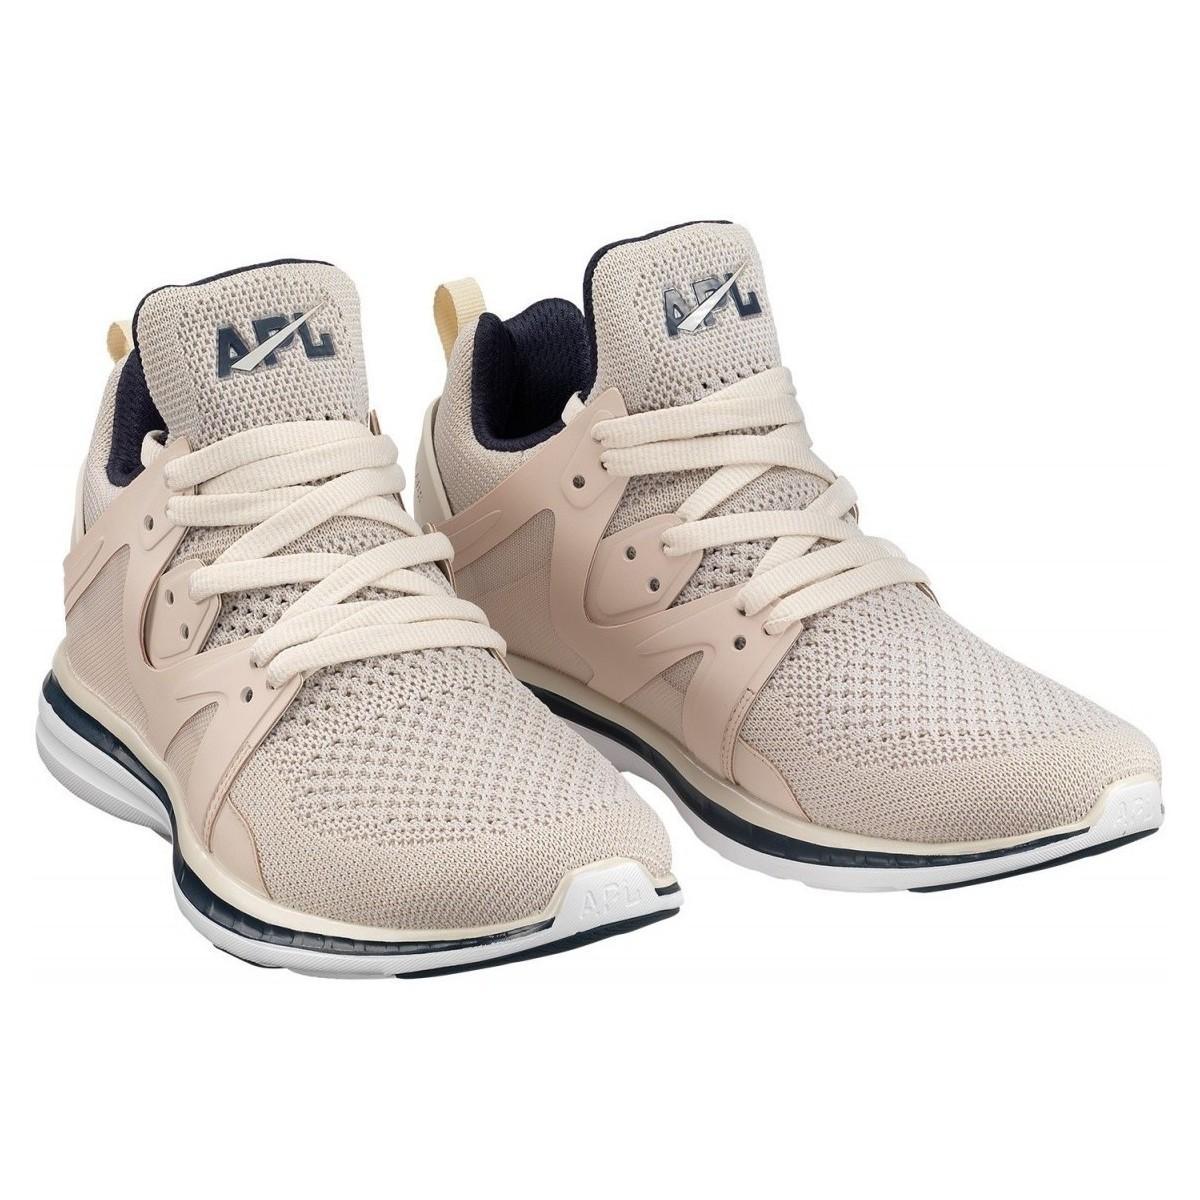 Ascend Chaussures Athletic Propulsion Labs pour homme en coloris Neutre